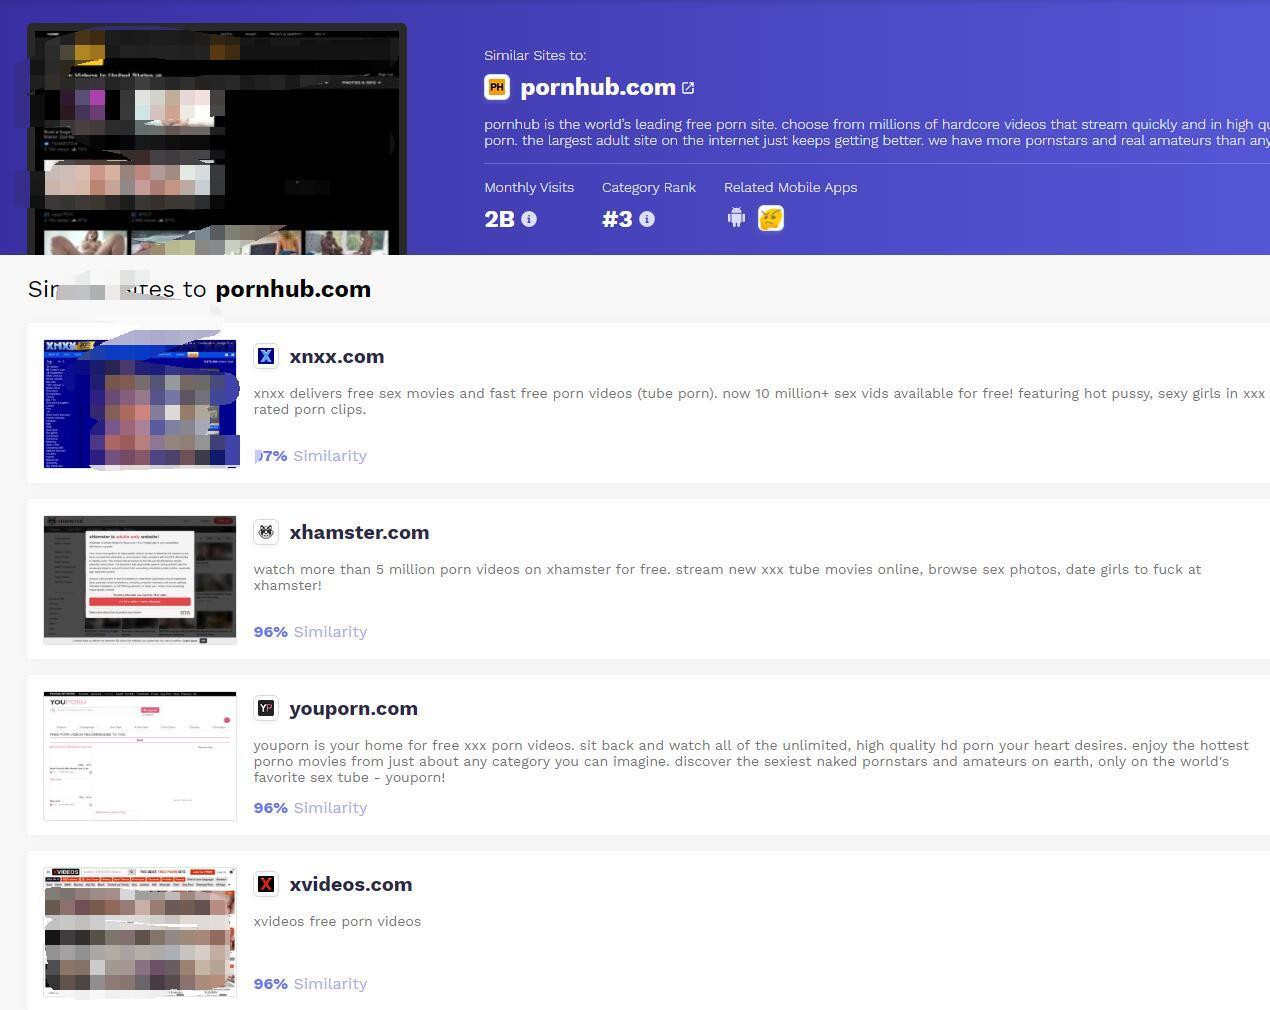 相似网站搜索Similarsites.com